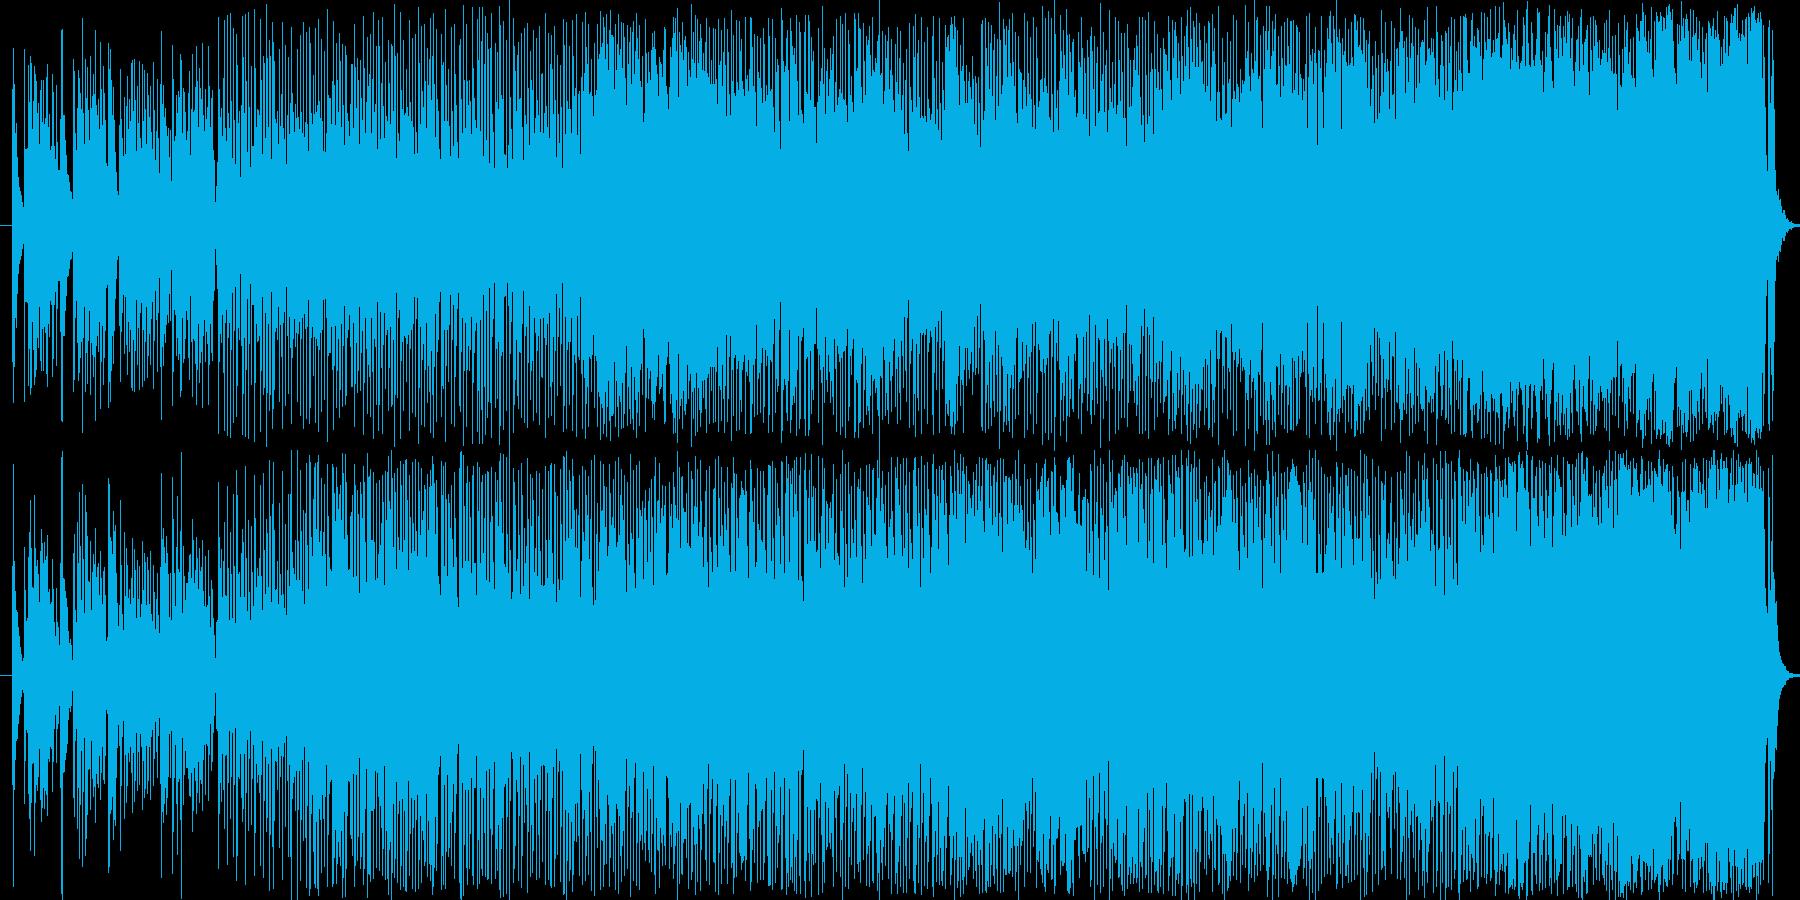 ギリシャ民謡の再生済みの波形